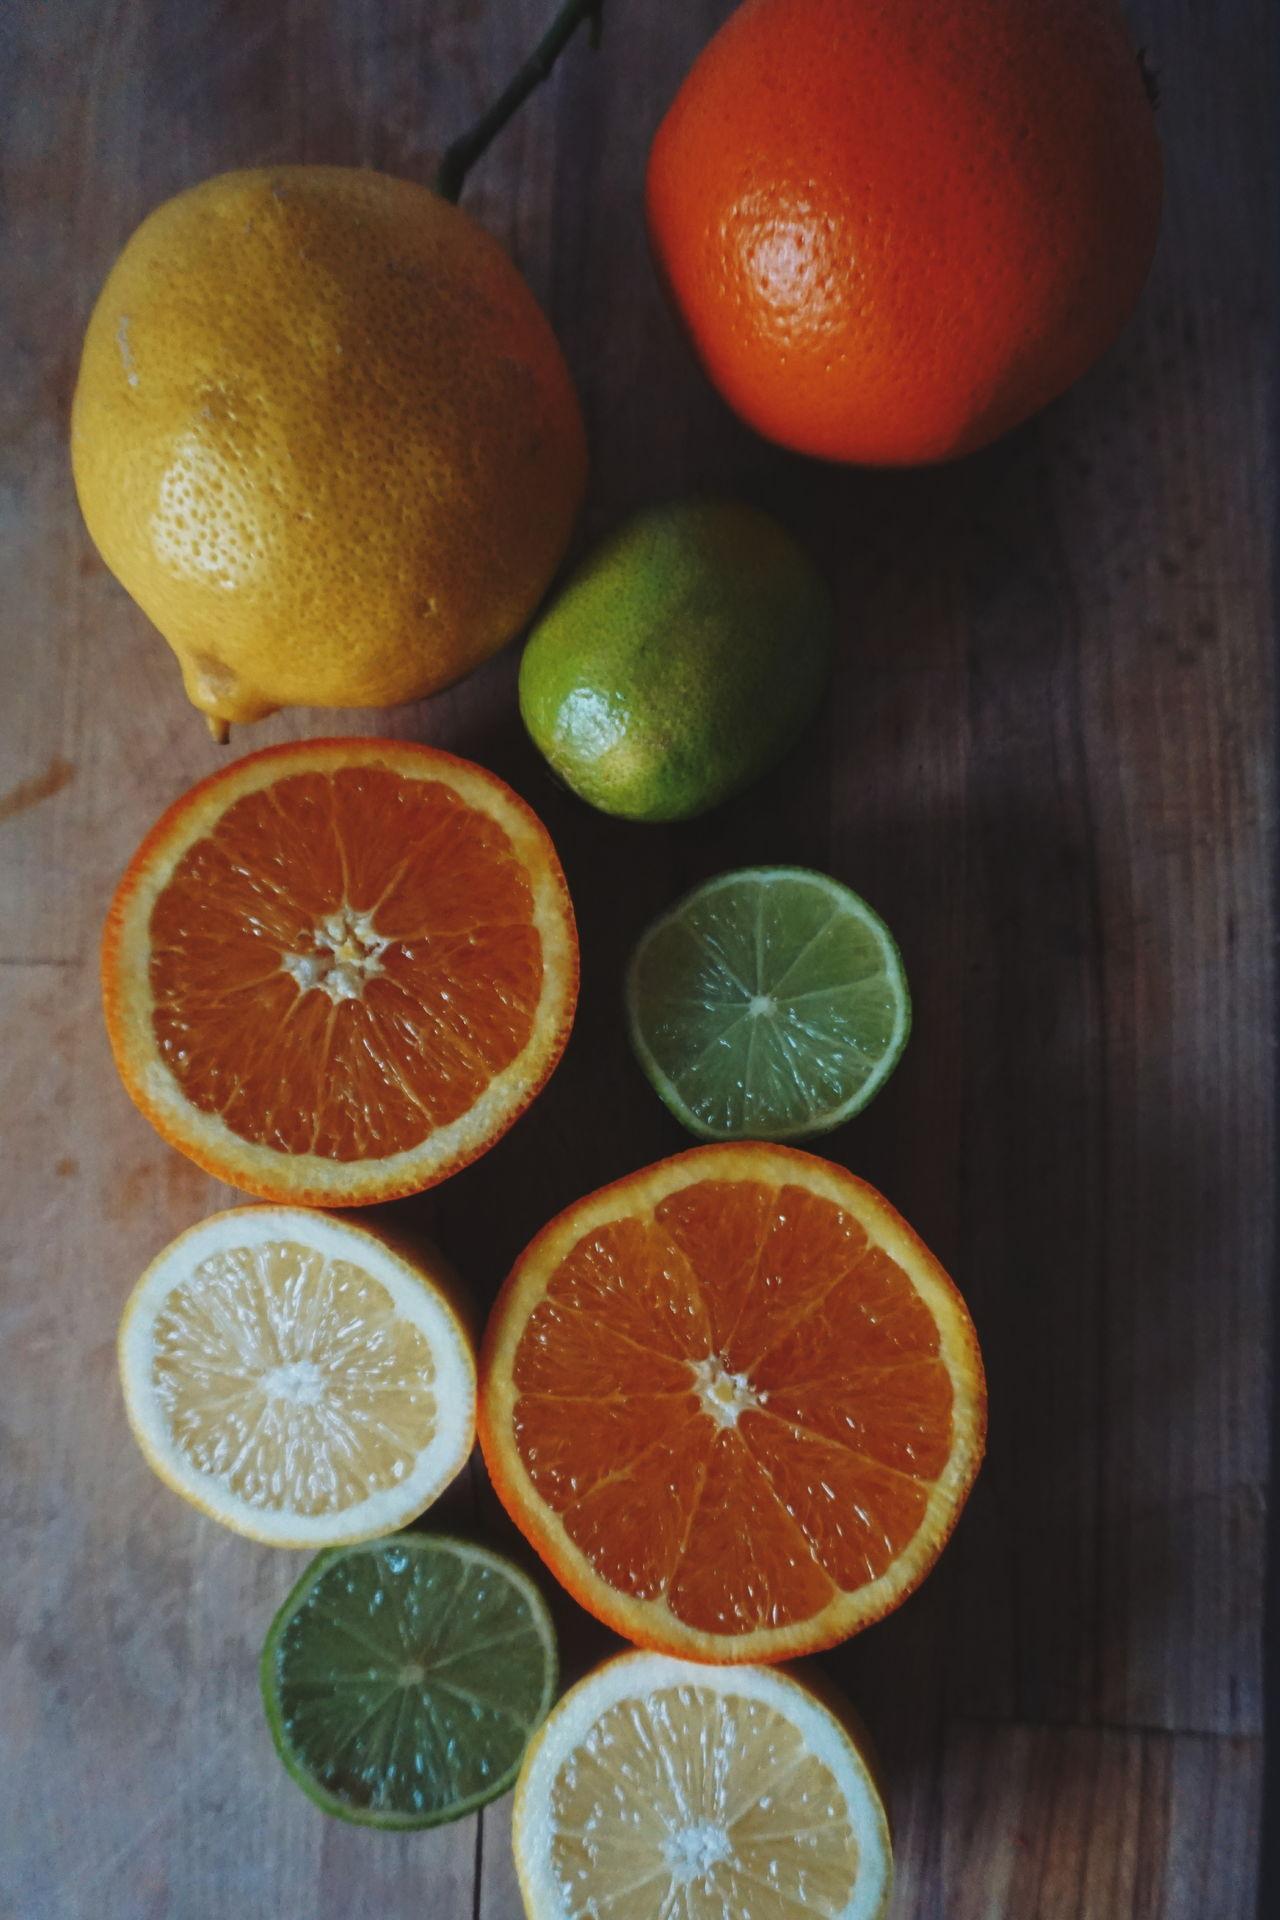 citrus fruit Citrus Fruit Fruit SLICE Orange - Fruit Lemon Studio Shot Freshness Healthy Eating Grapefruit Cross Section No People Halved Blood Orange Indoors  Close-up Lemons Fruits Oranges Orange Limes Sour Taste Indoors  Lime Food And Drink Juicy